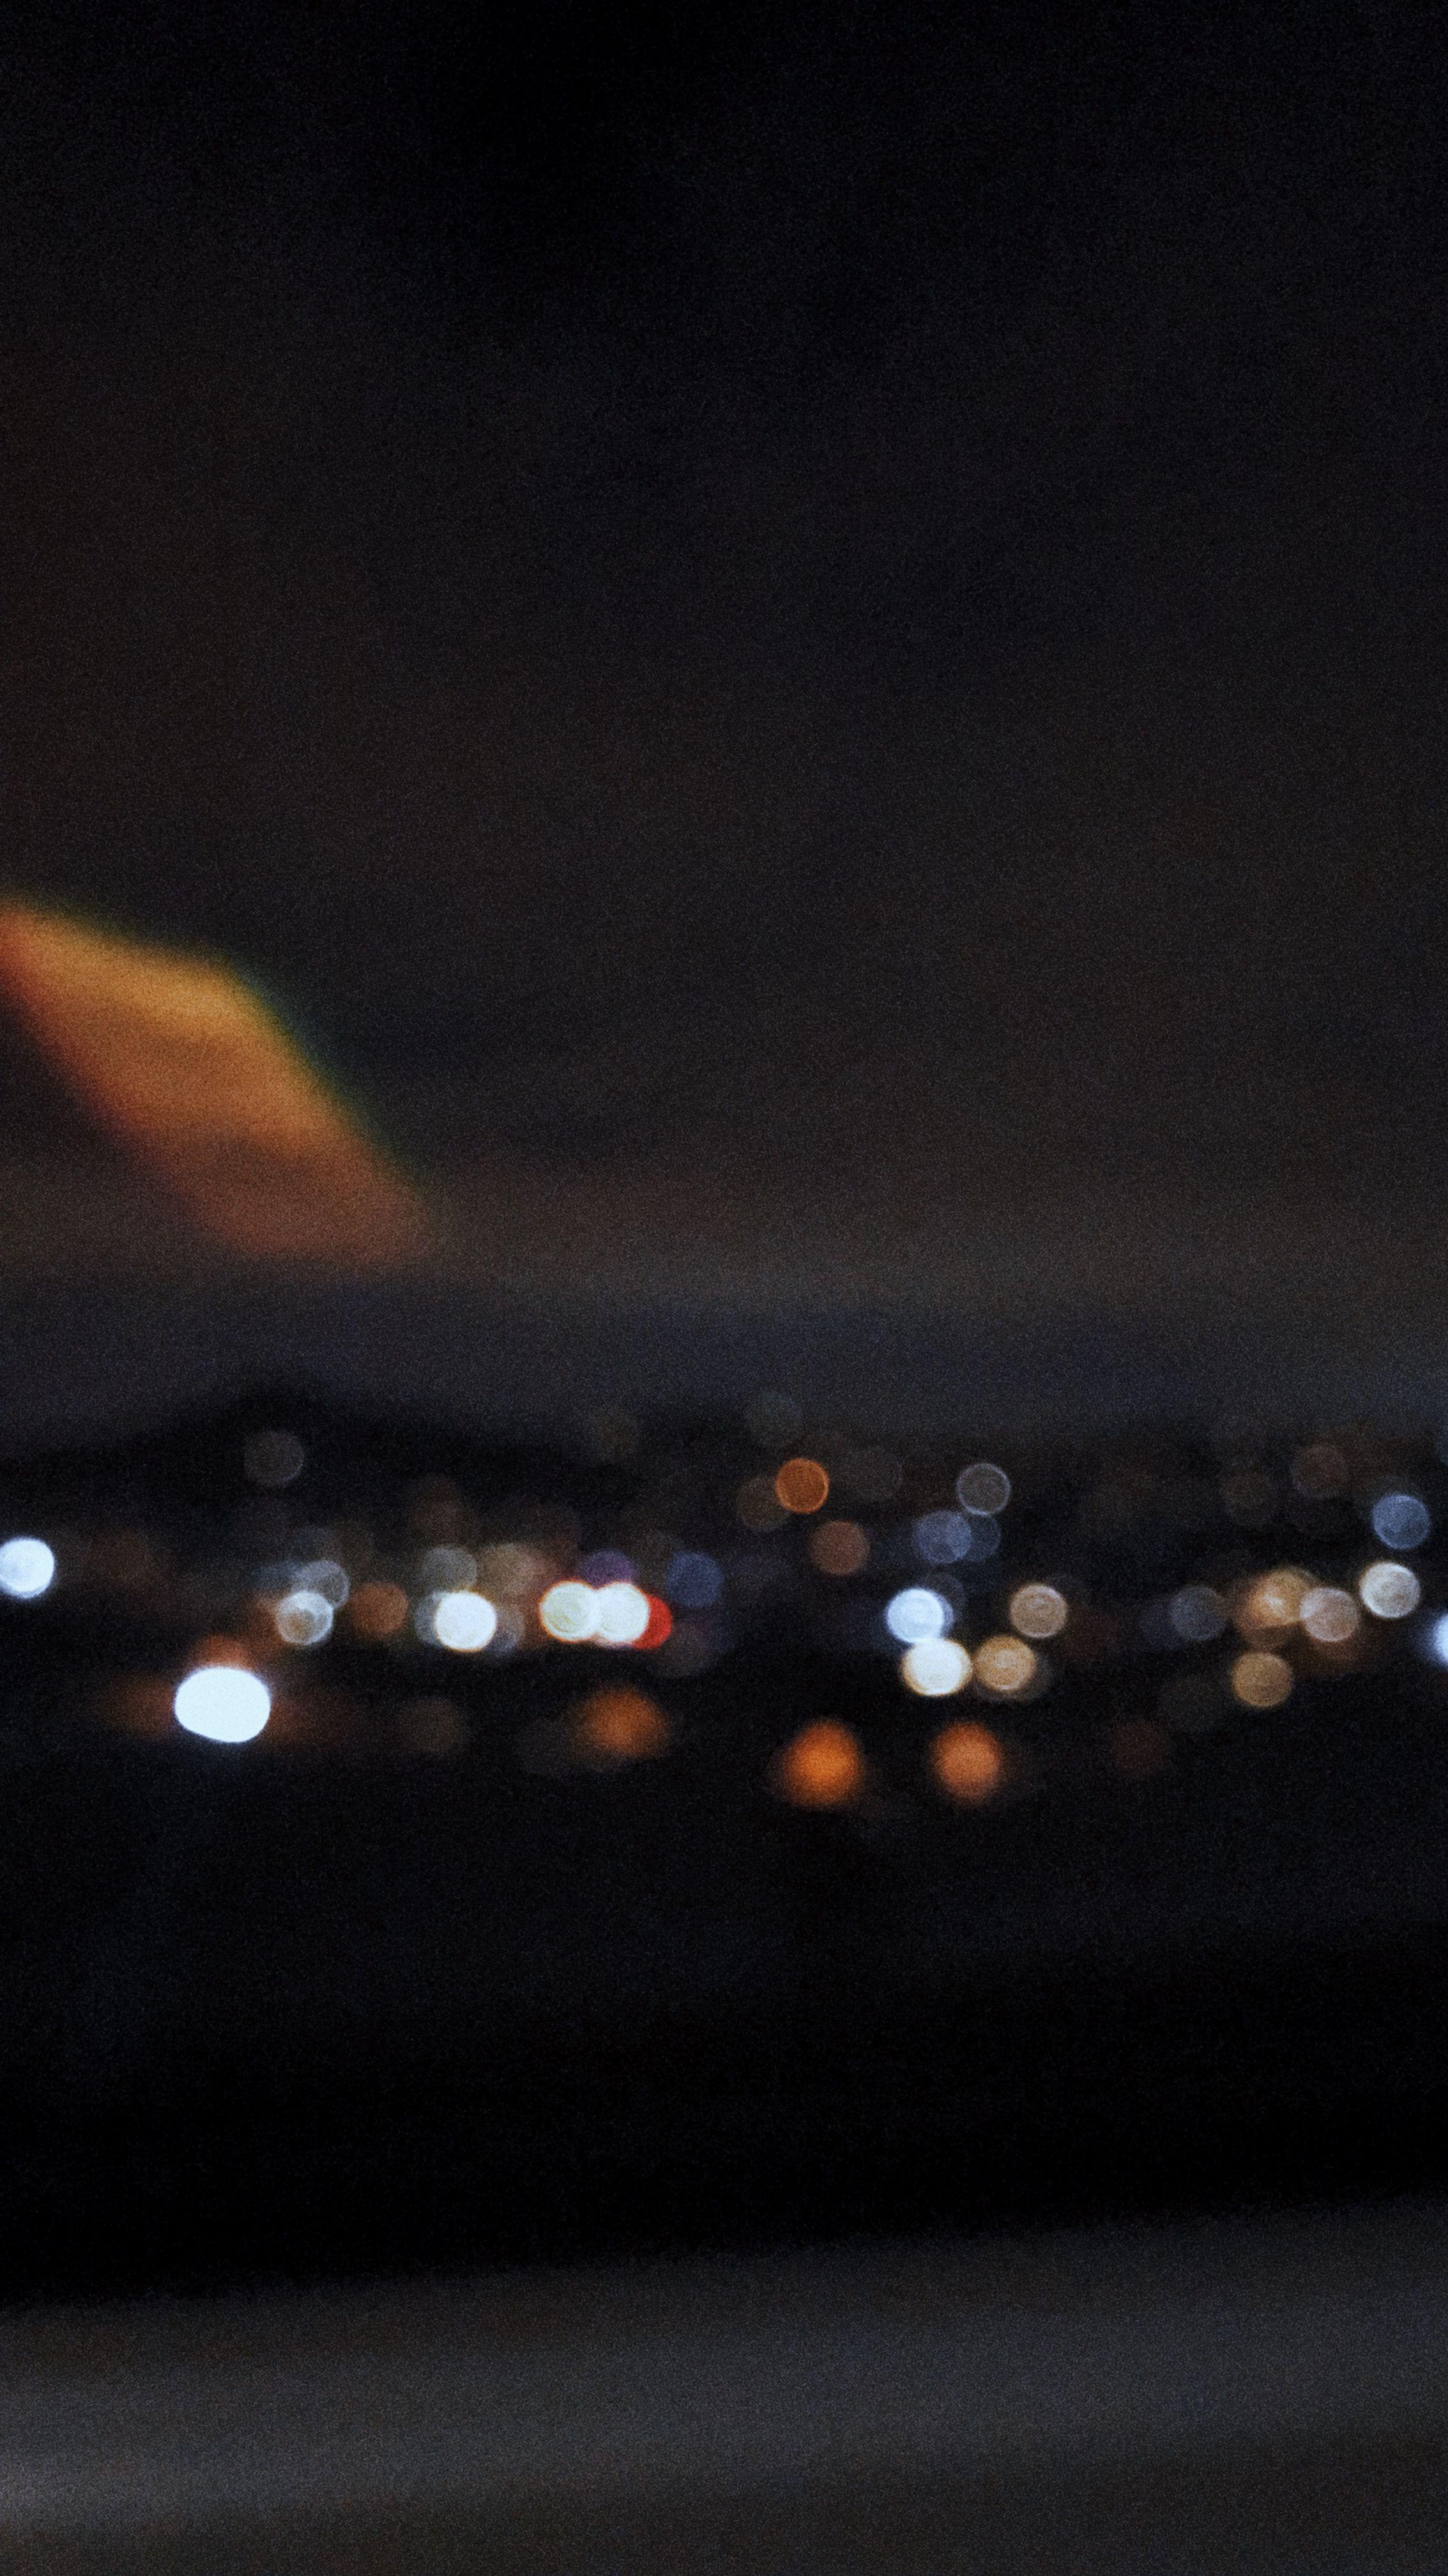 Blurry Light Aesthetic Wallpaper Blurry Lights Aesthetic Wallpapers Blurry